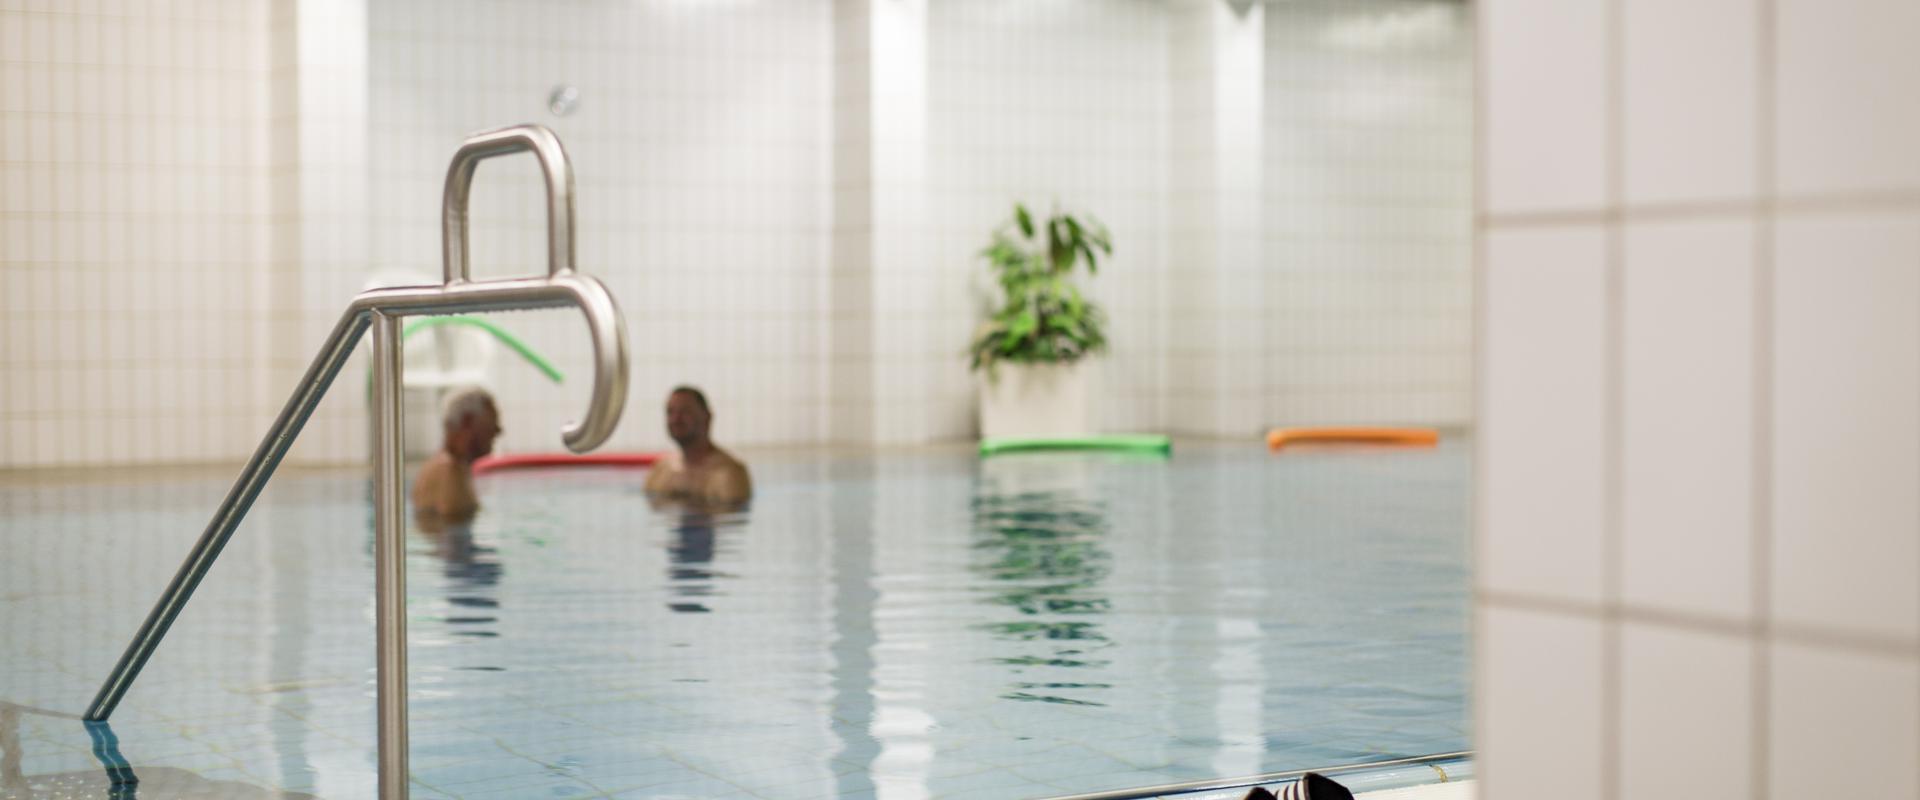 Patienten schwimmen im Schwimmbad in der MEDIAN Klinik Bad Lausick